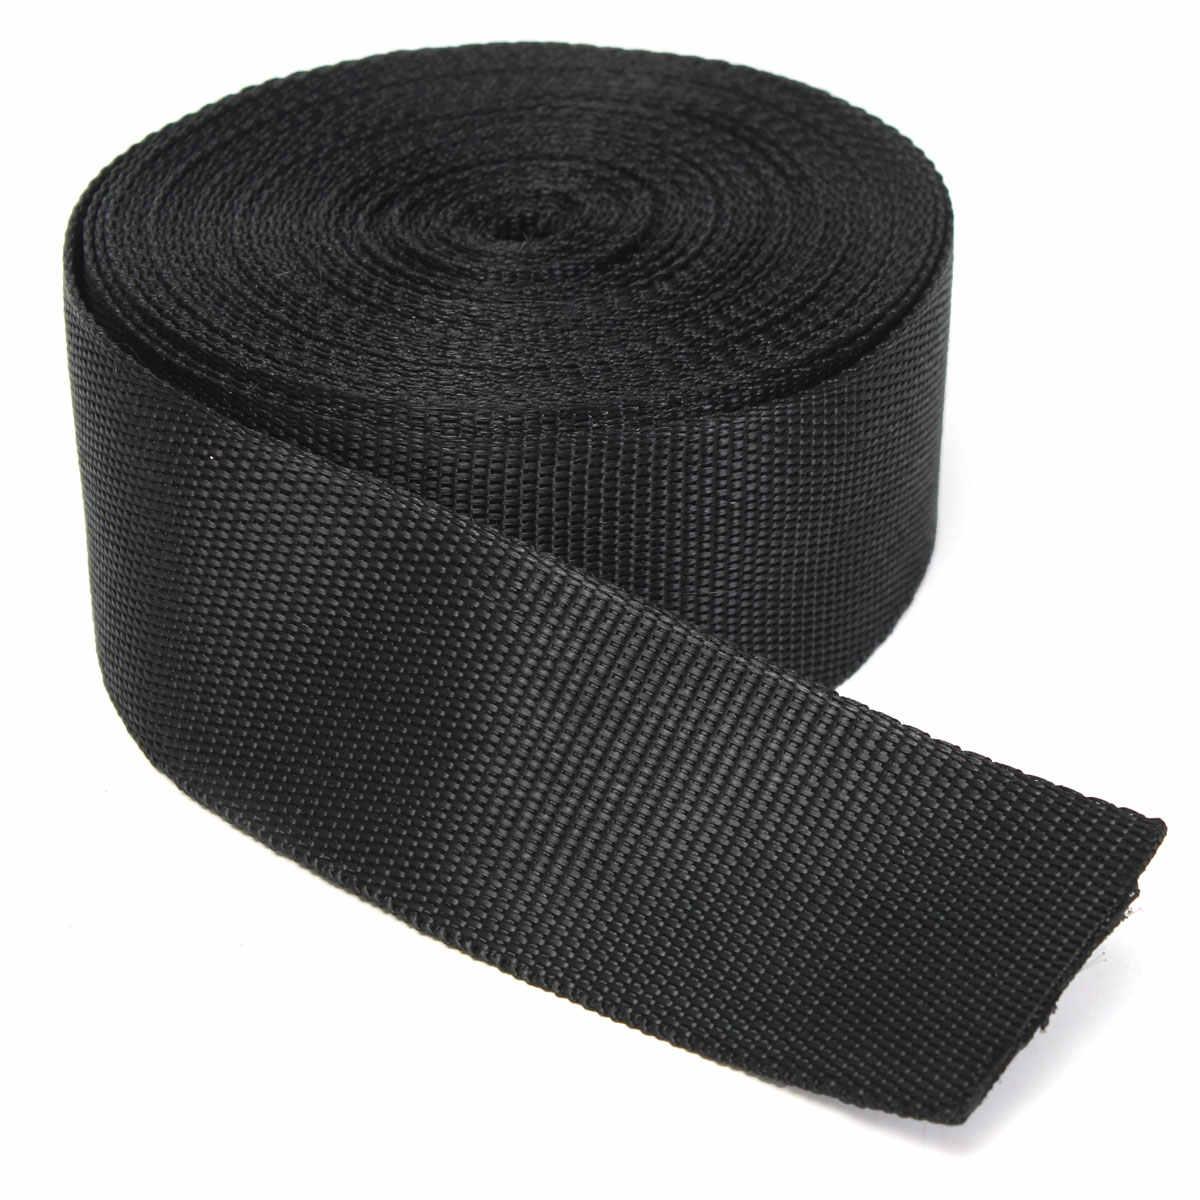 50 мм 10 м черный нейлоновая сетчатая лента клейкие ленты отделка ремень Вышивание ткани DIY одежда ошейник Рюкзак запчасти обвязки сумки ремень